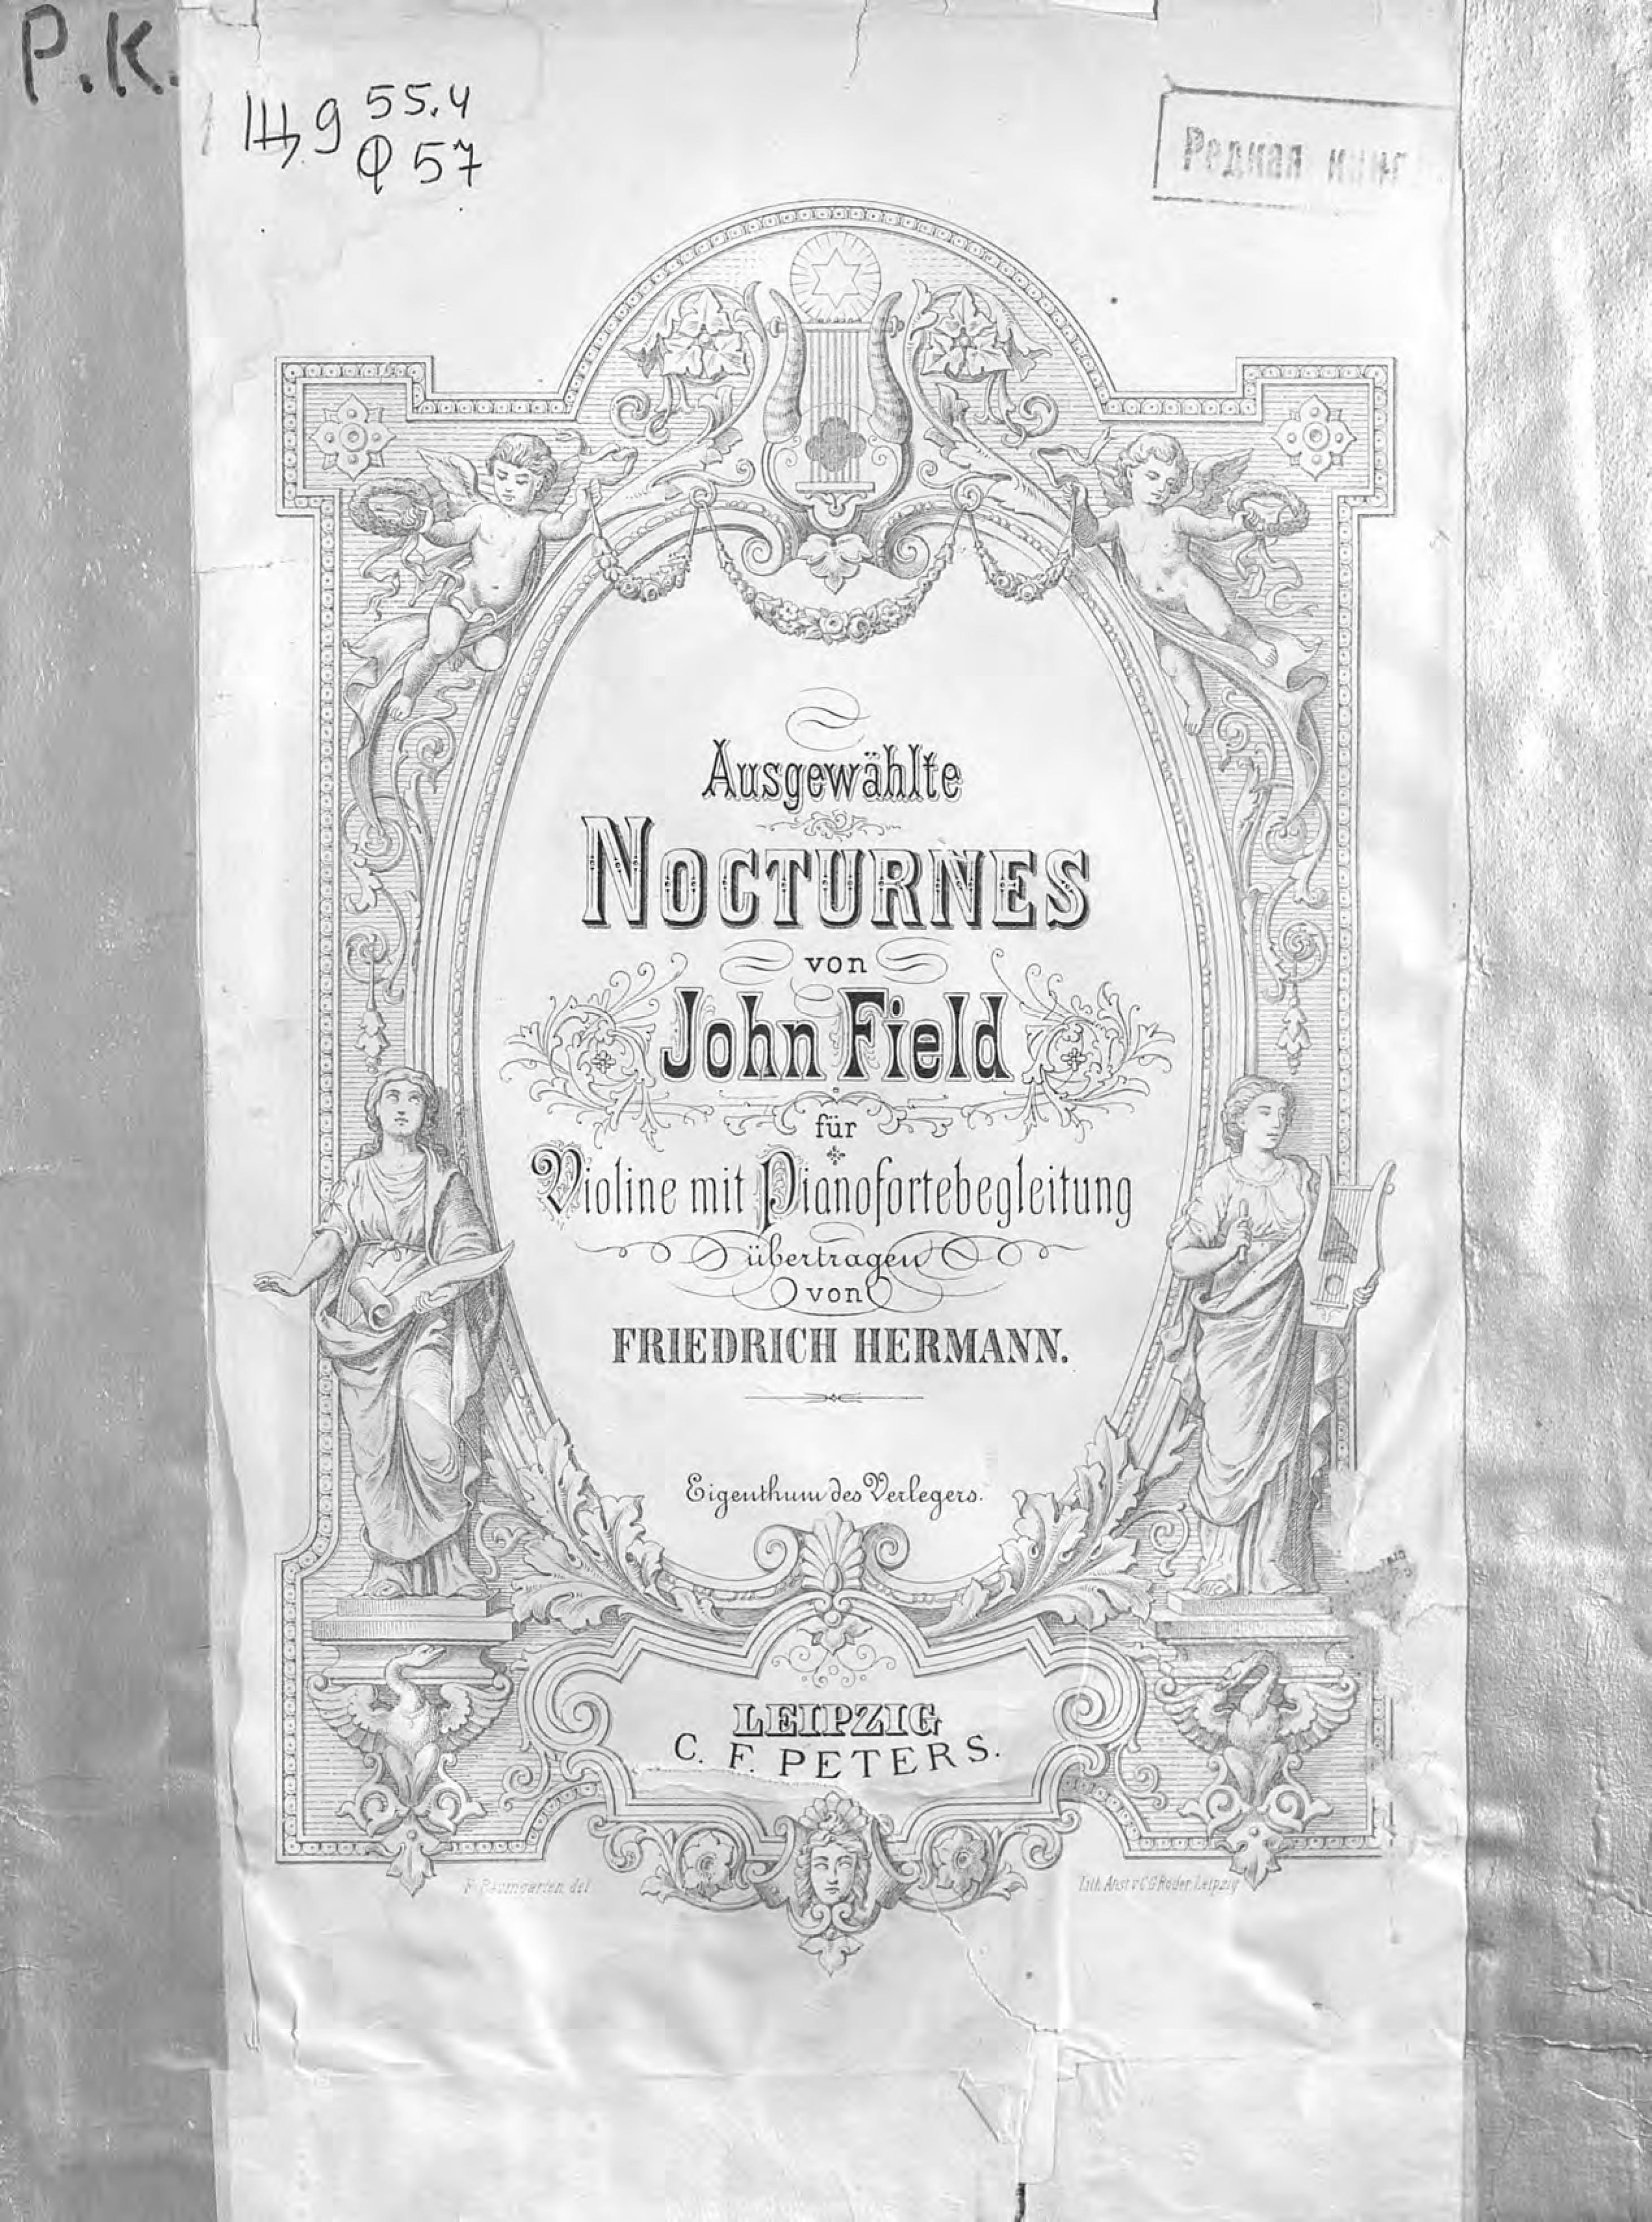 Джон Филд Ausgewahlte Nocturnes v. John Field fur Violine mit Pianofortebegleitung ubertragen v. Fr. Hermann земляк с ред управление продажами учебник isbn 9785955805313